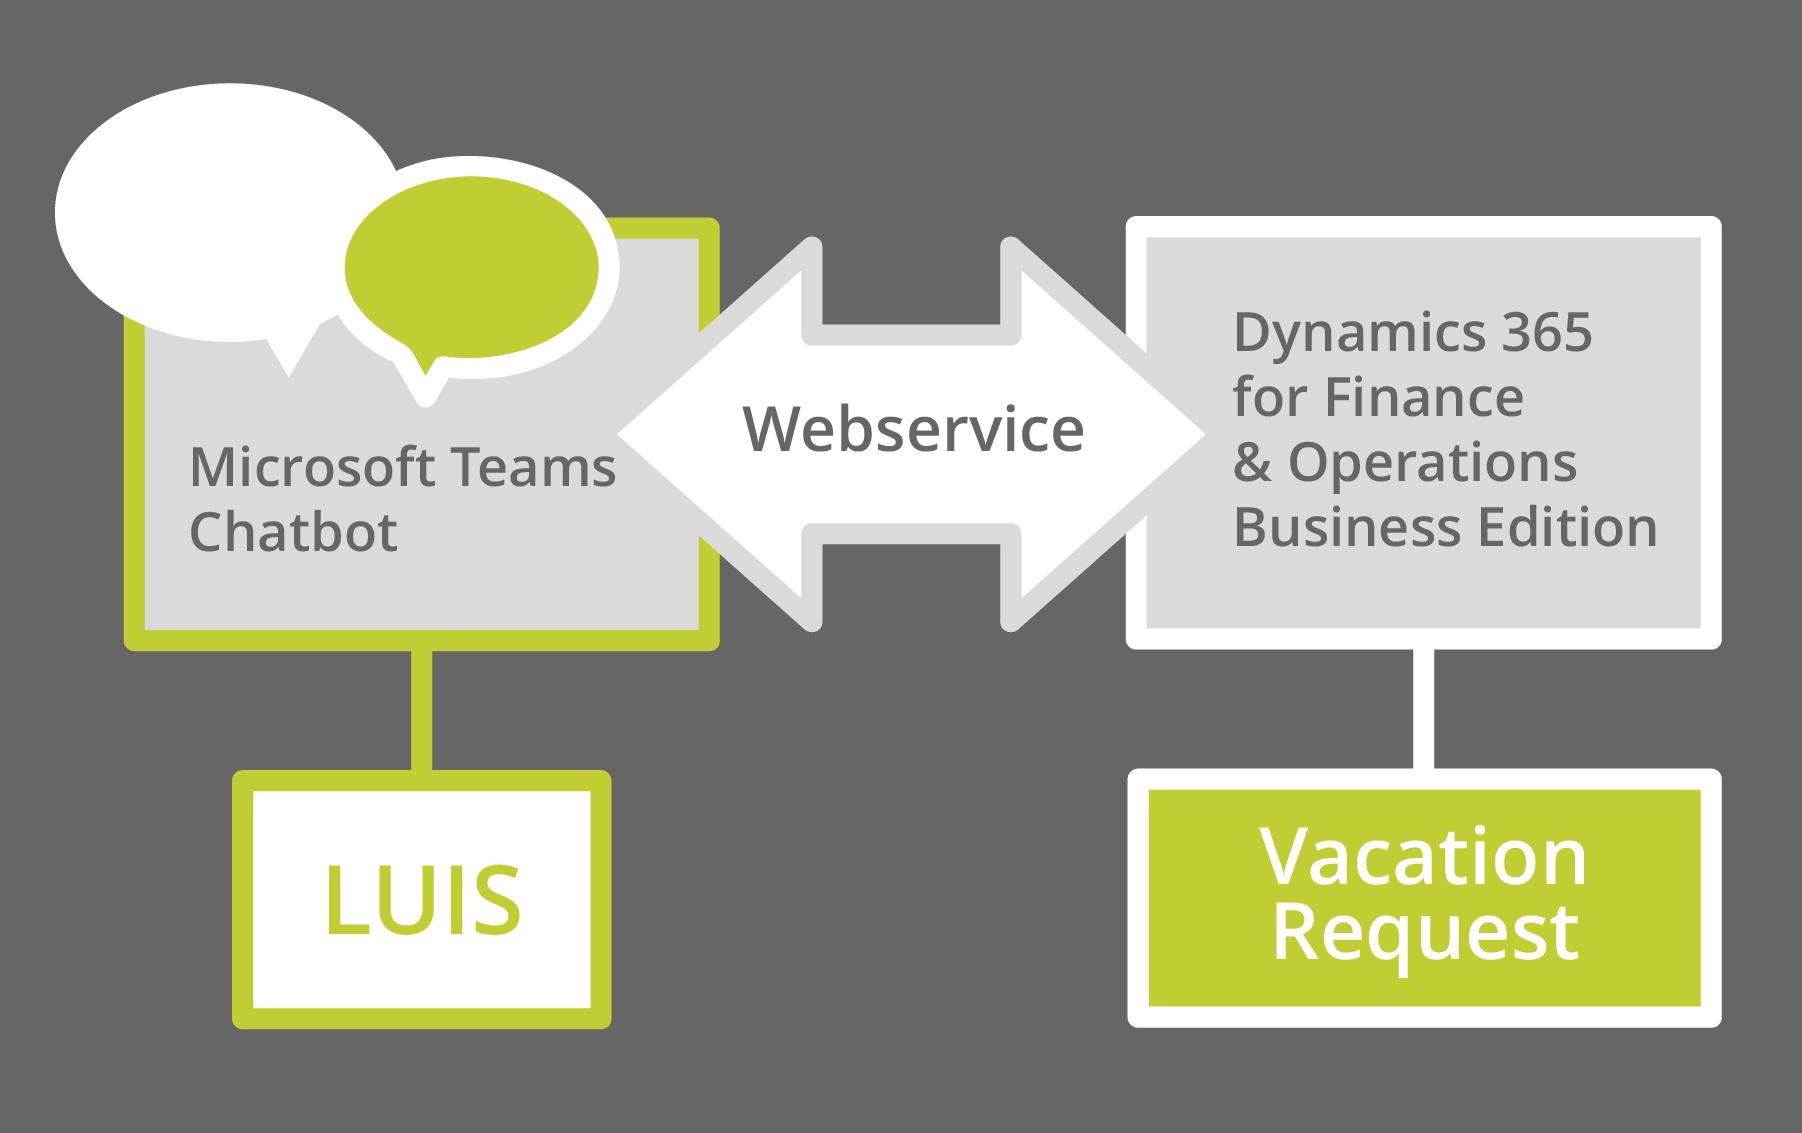 Integrating_Microsoft_Teams_Chatbot_in_Dynamics_NAV_faveo